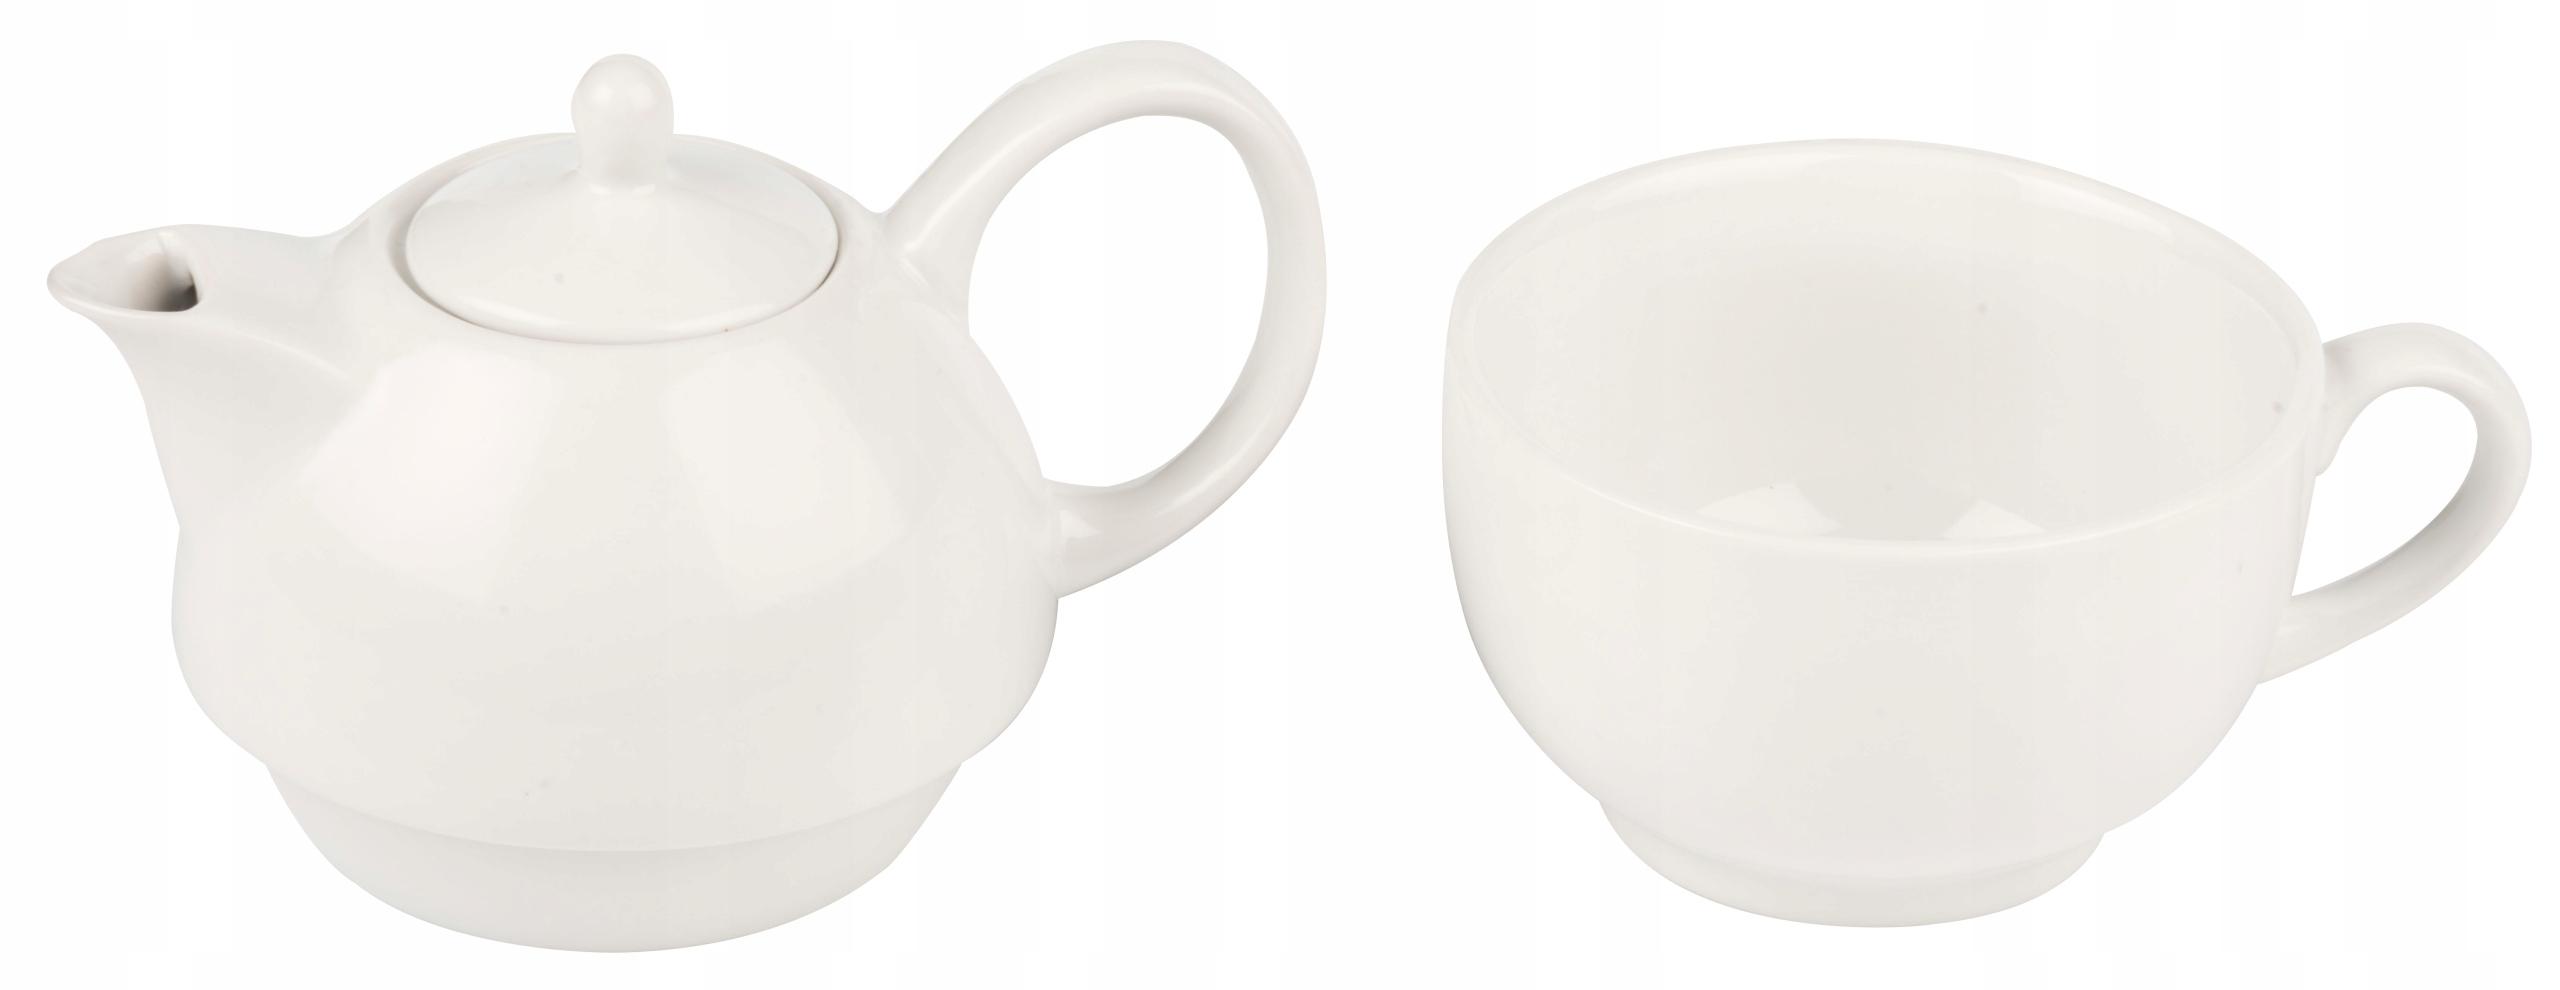 Dzbanek do parzenia herbaty, kawy z filiżanką